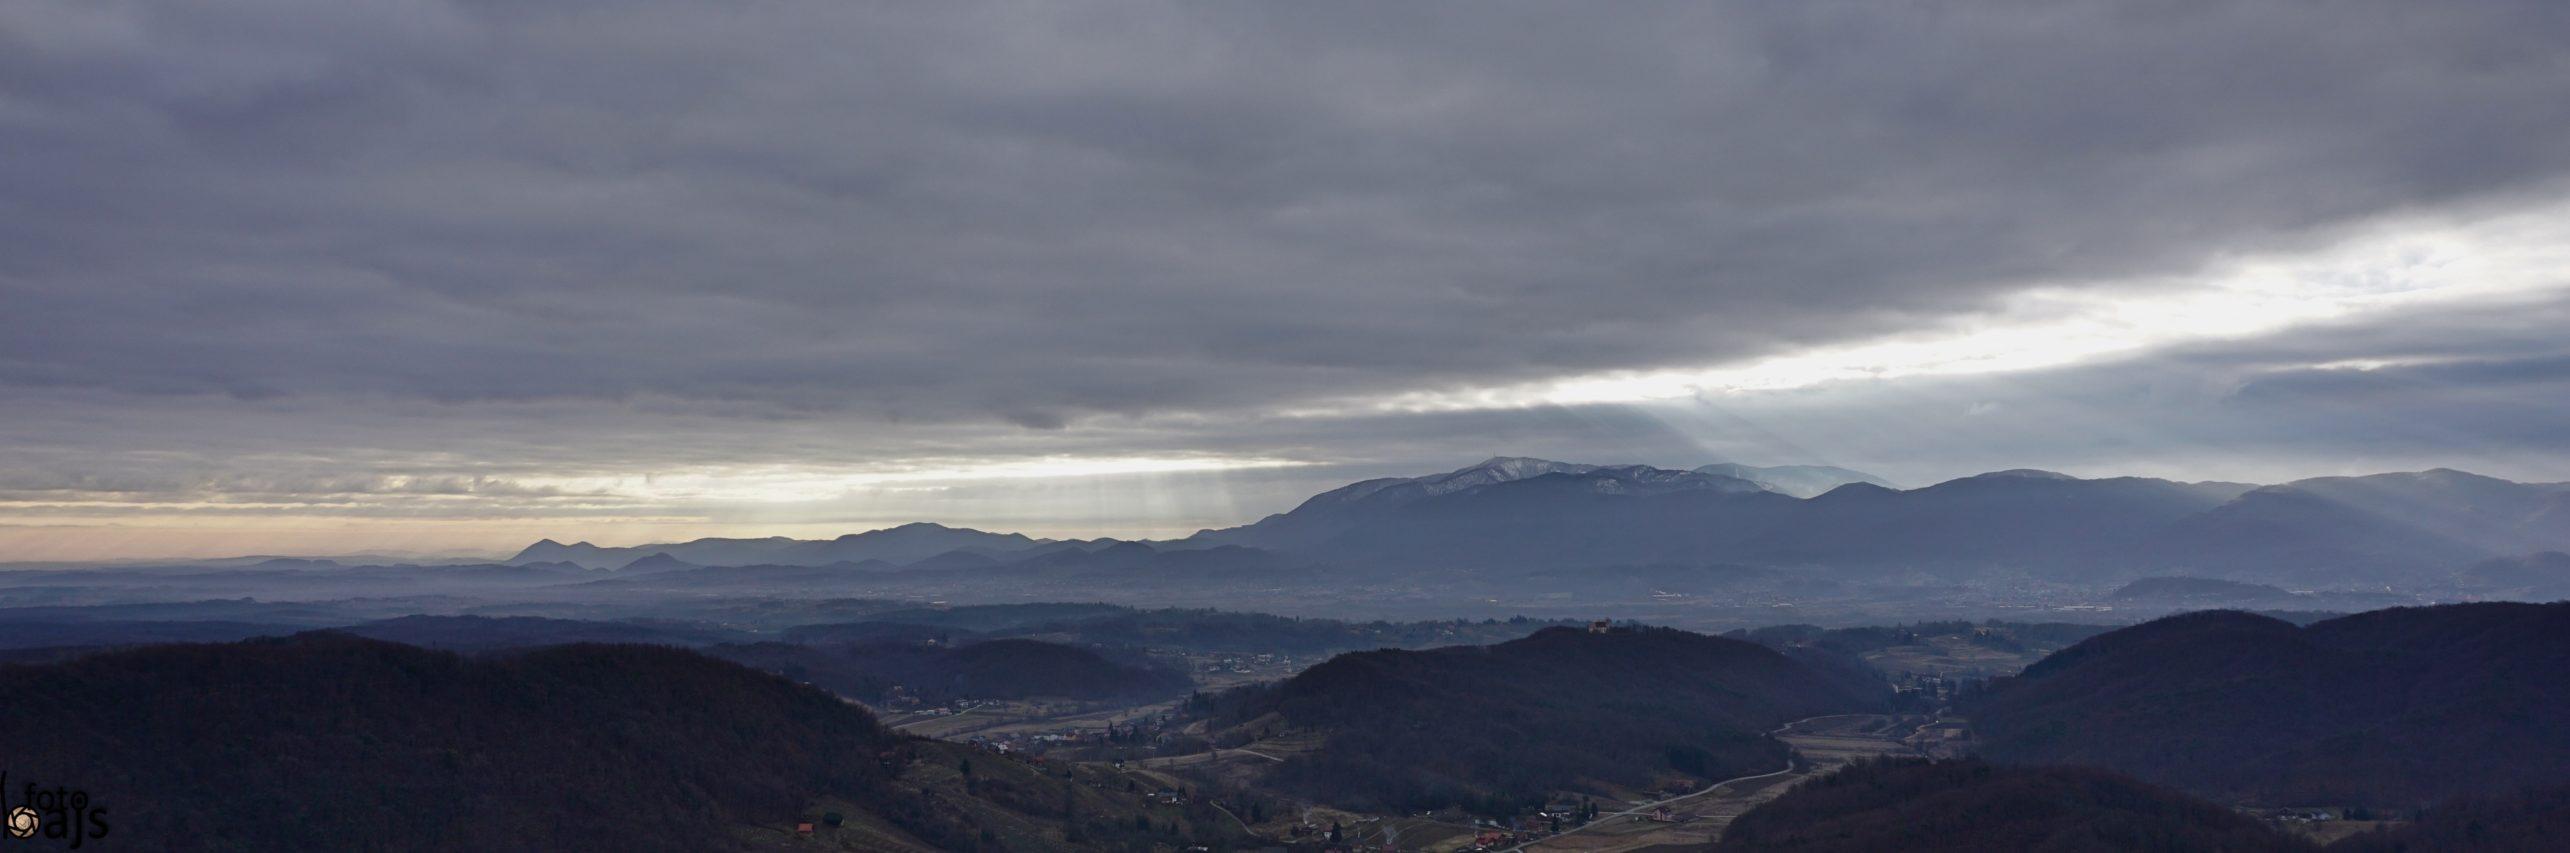 Ravna gora 19.02.2017